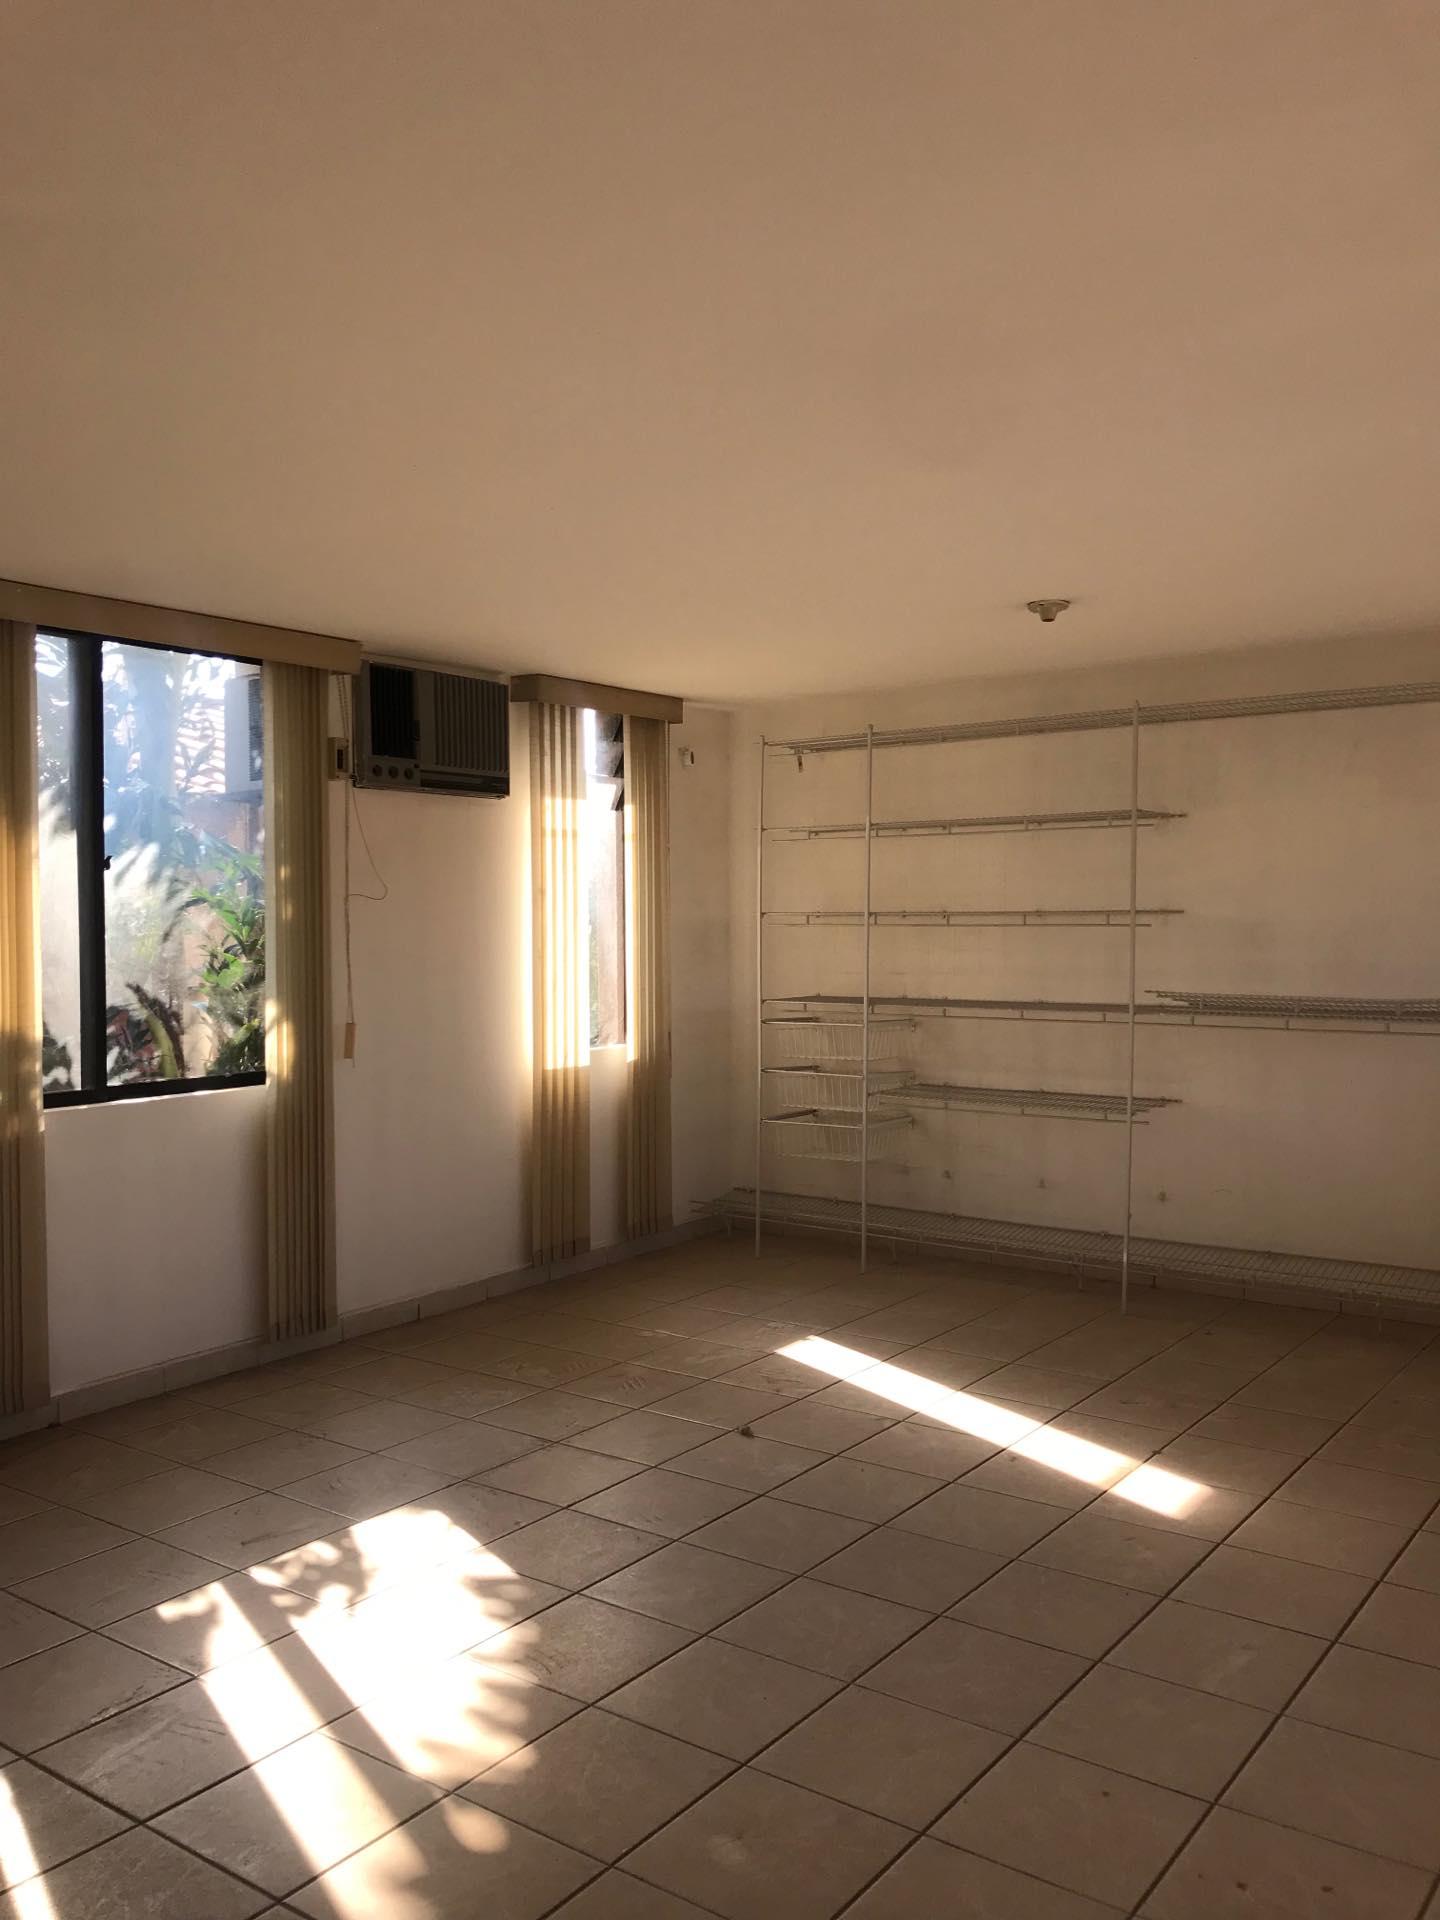 Casa en Alquiler Av. Melchor Pinto entre 1ro y 2do anillo  Foto 3